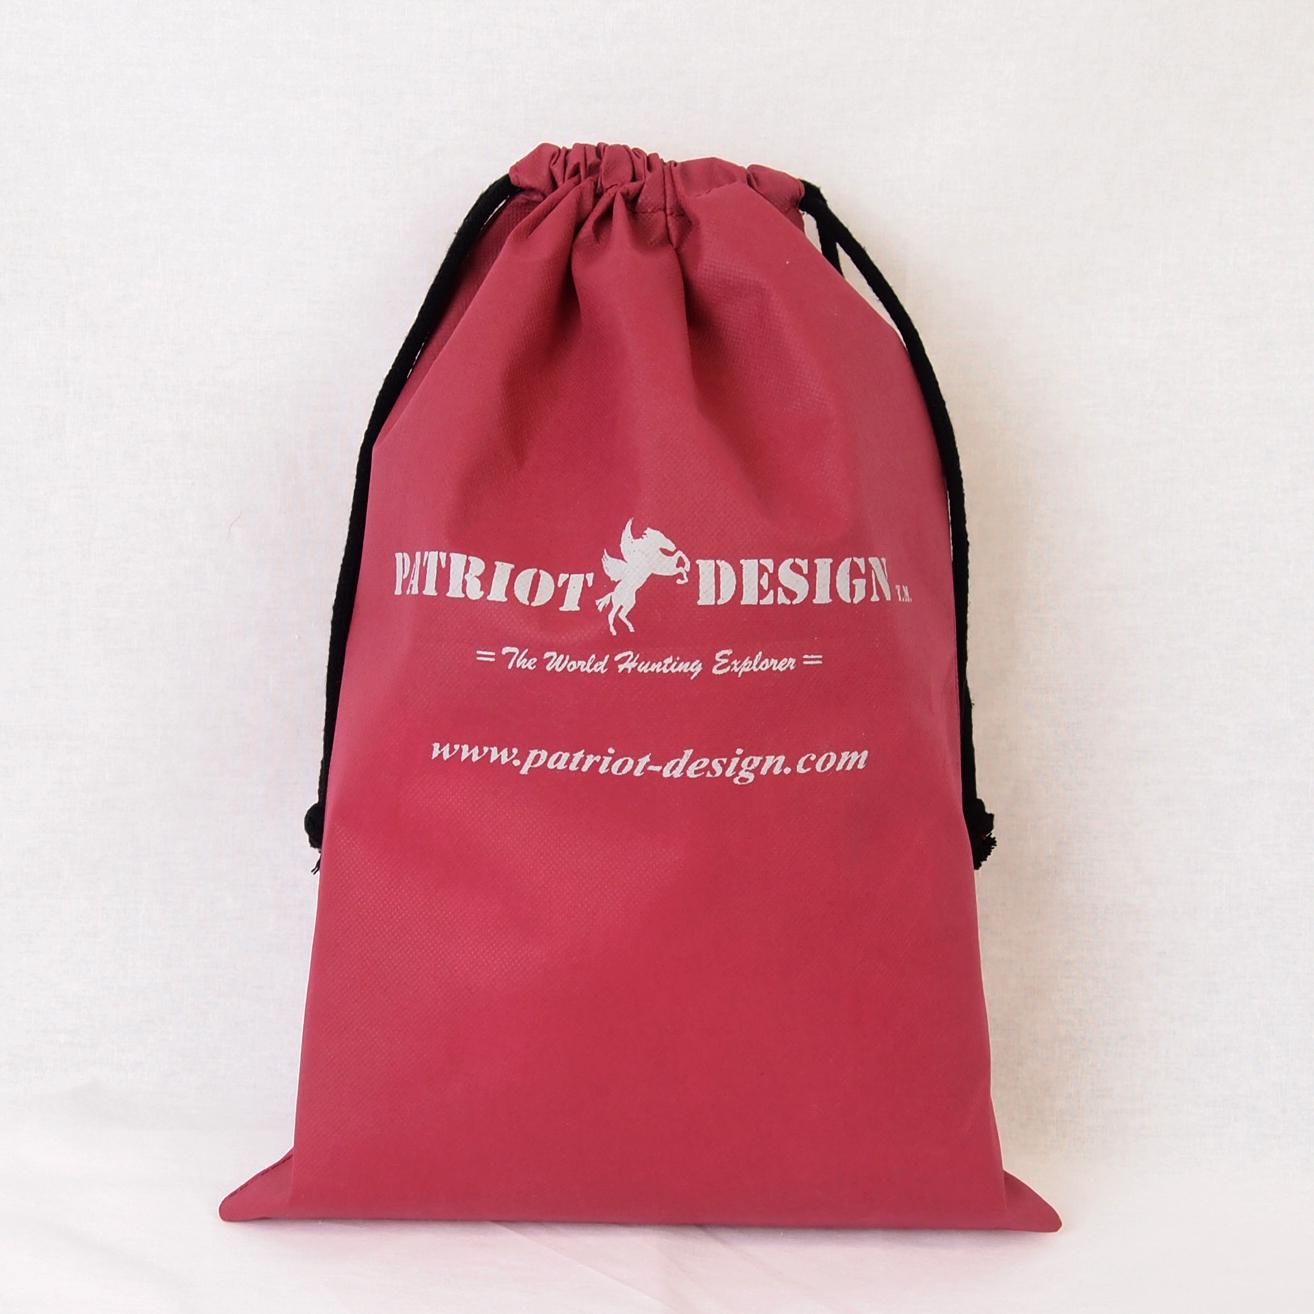 デンタルクリニックさまご制作 巾着タイプの不織布バッグ